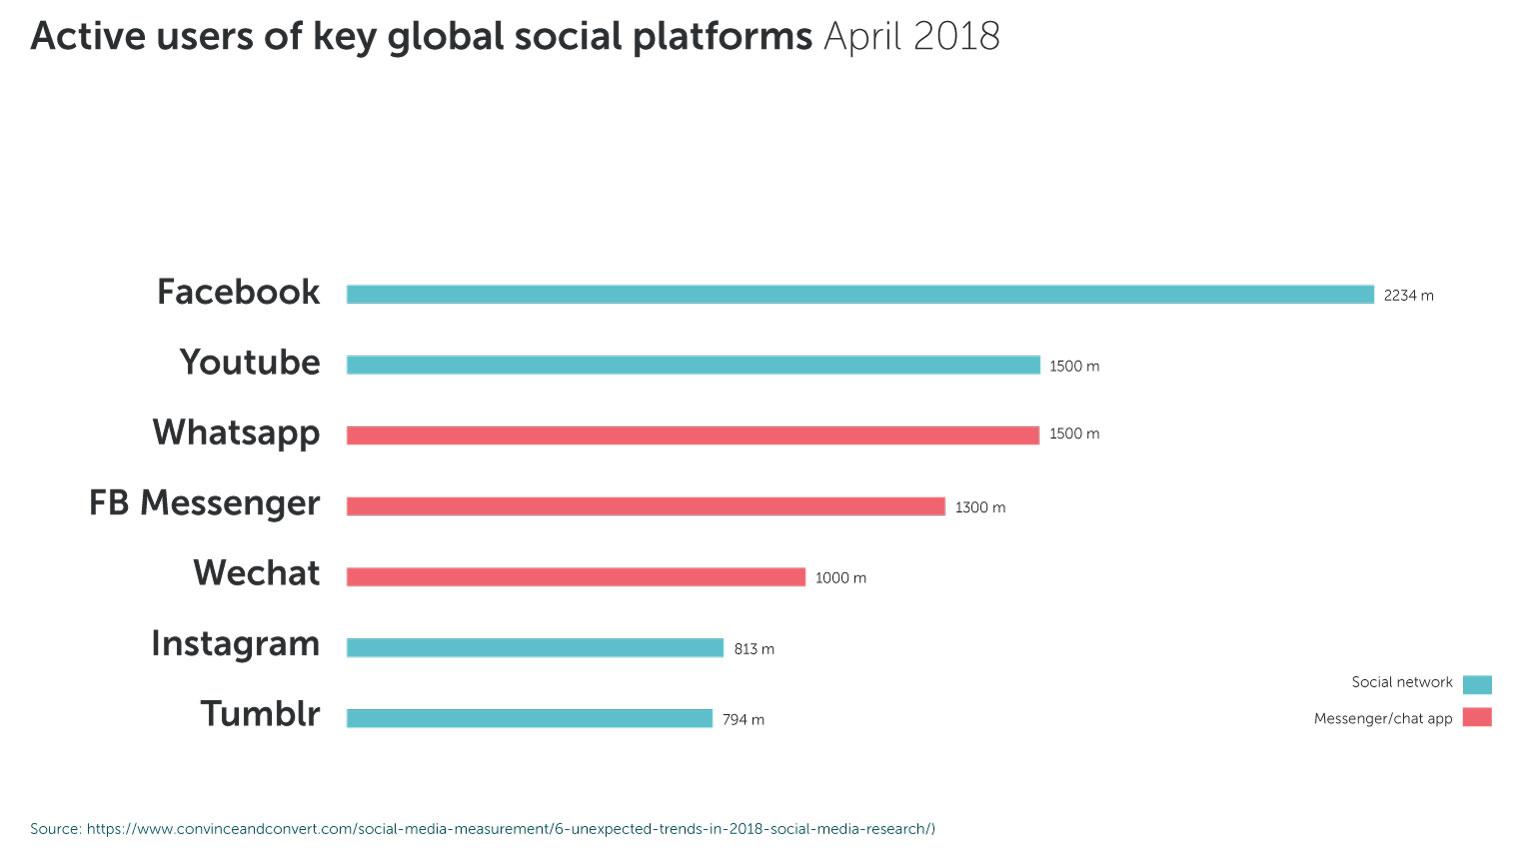 Die wichtigsten weltweiten sozialen Plattformen aktiver User